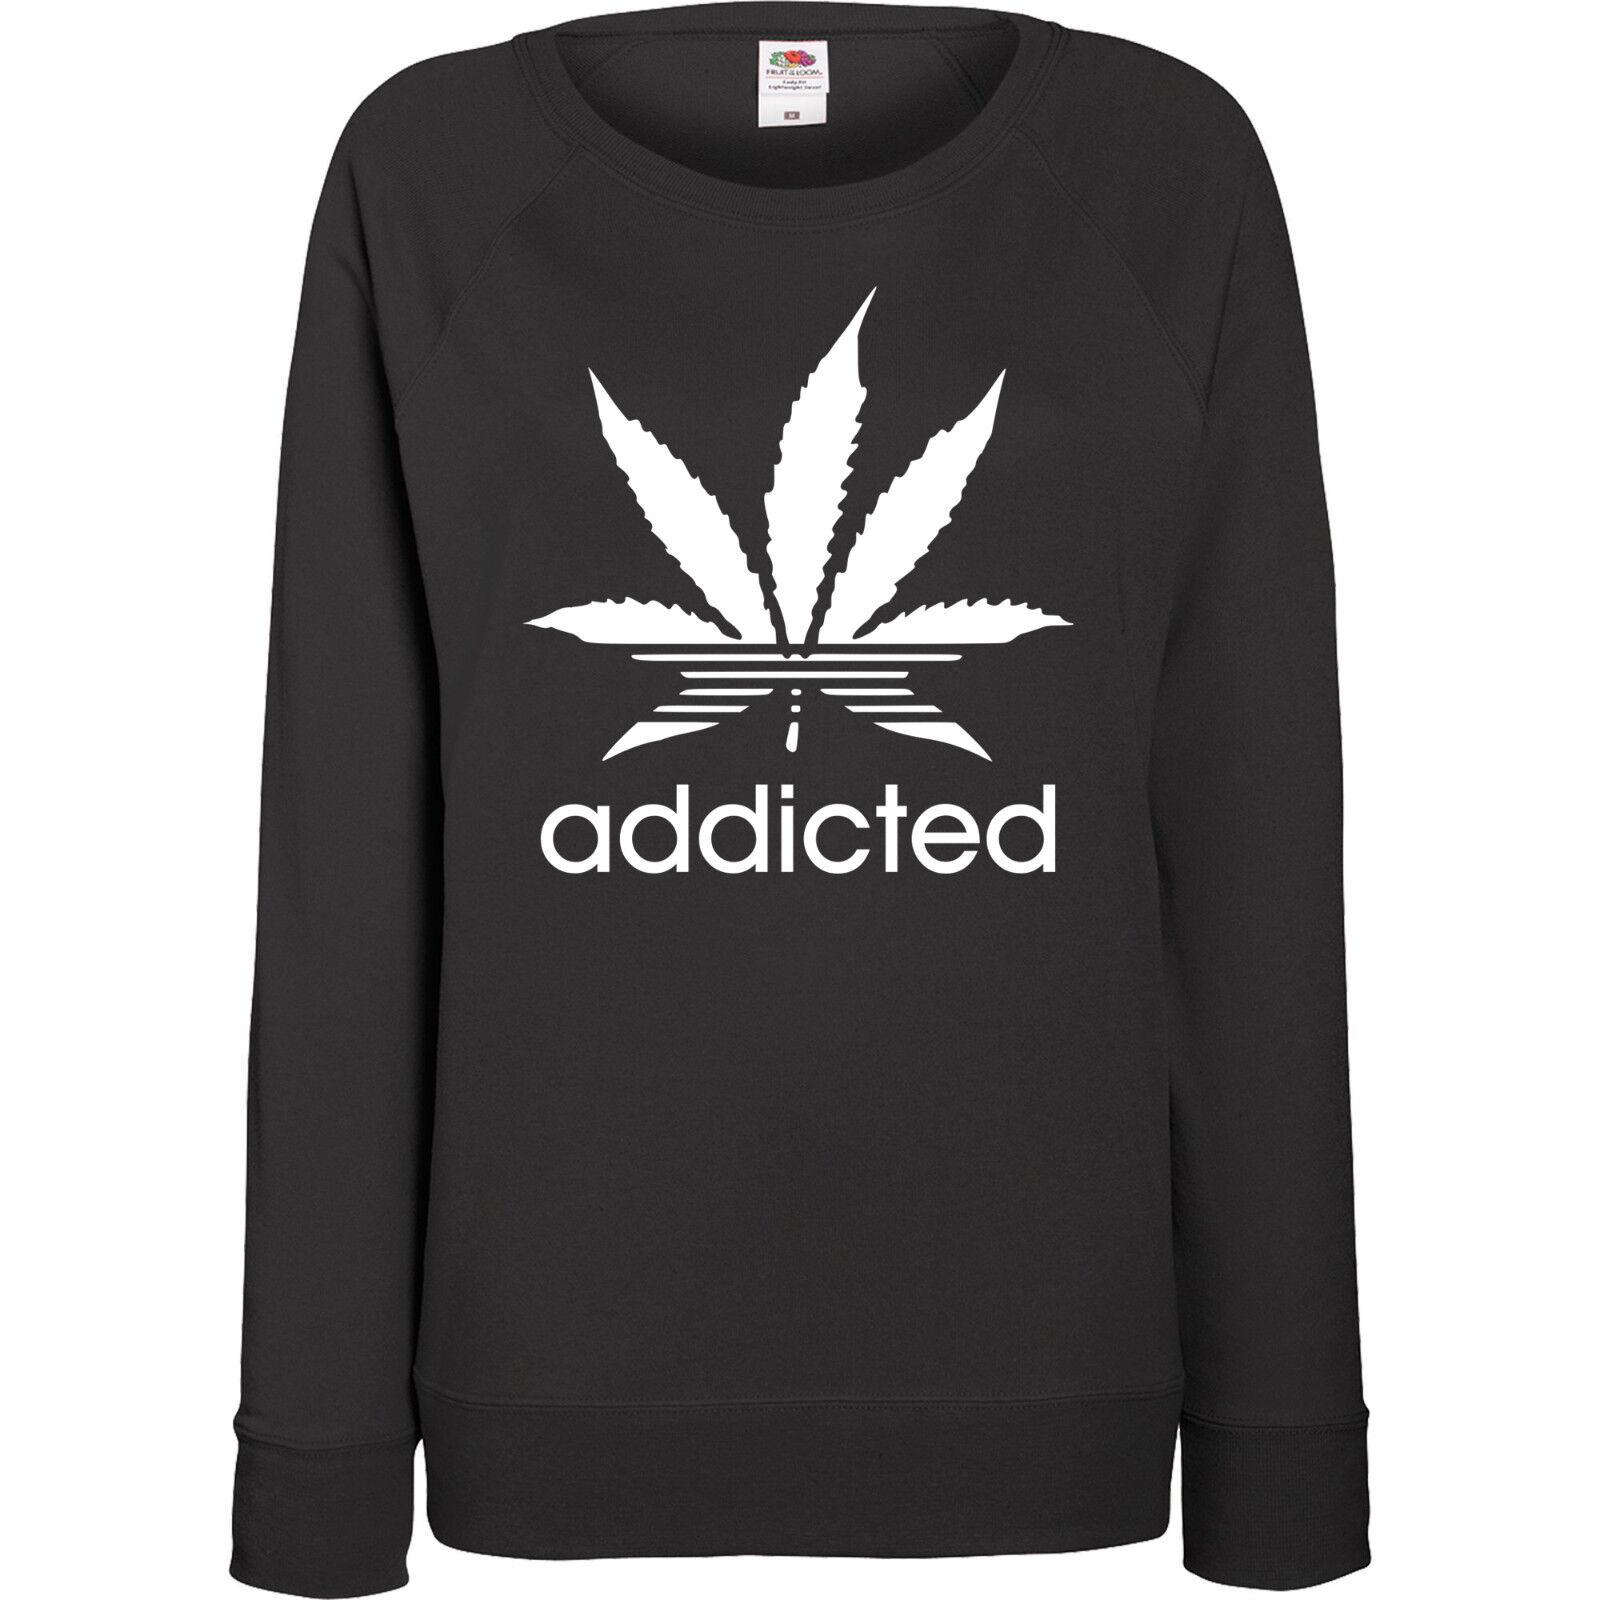 Weed Pullover Damen Vergleich Test +++ Weed Pullover Damen